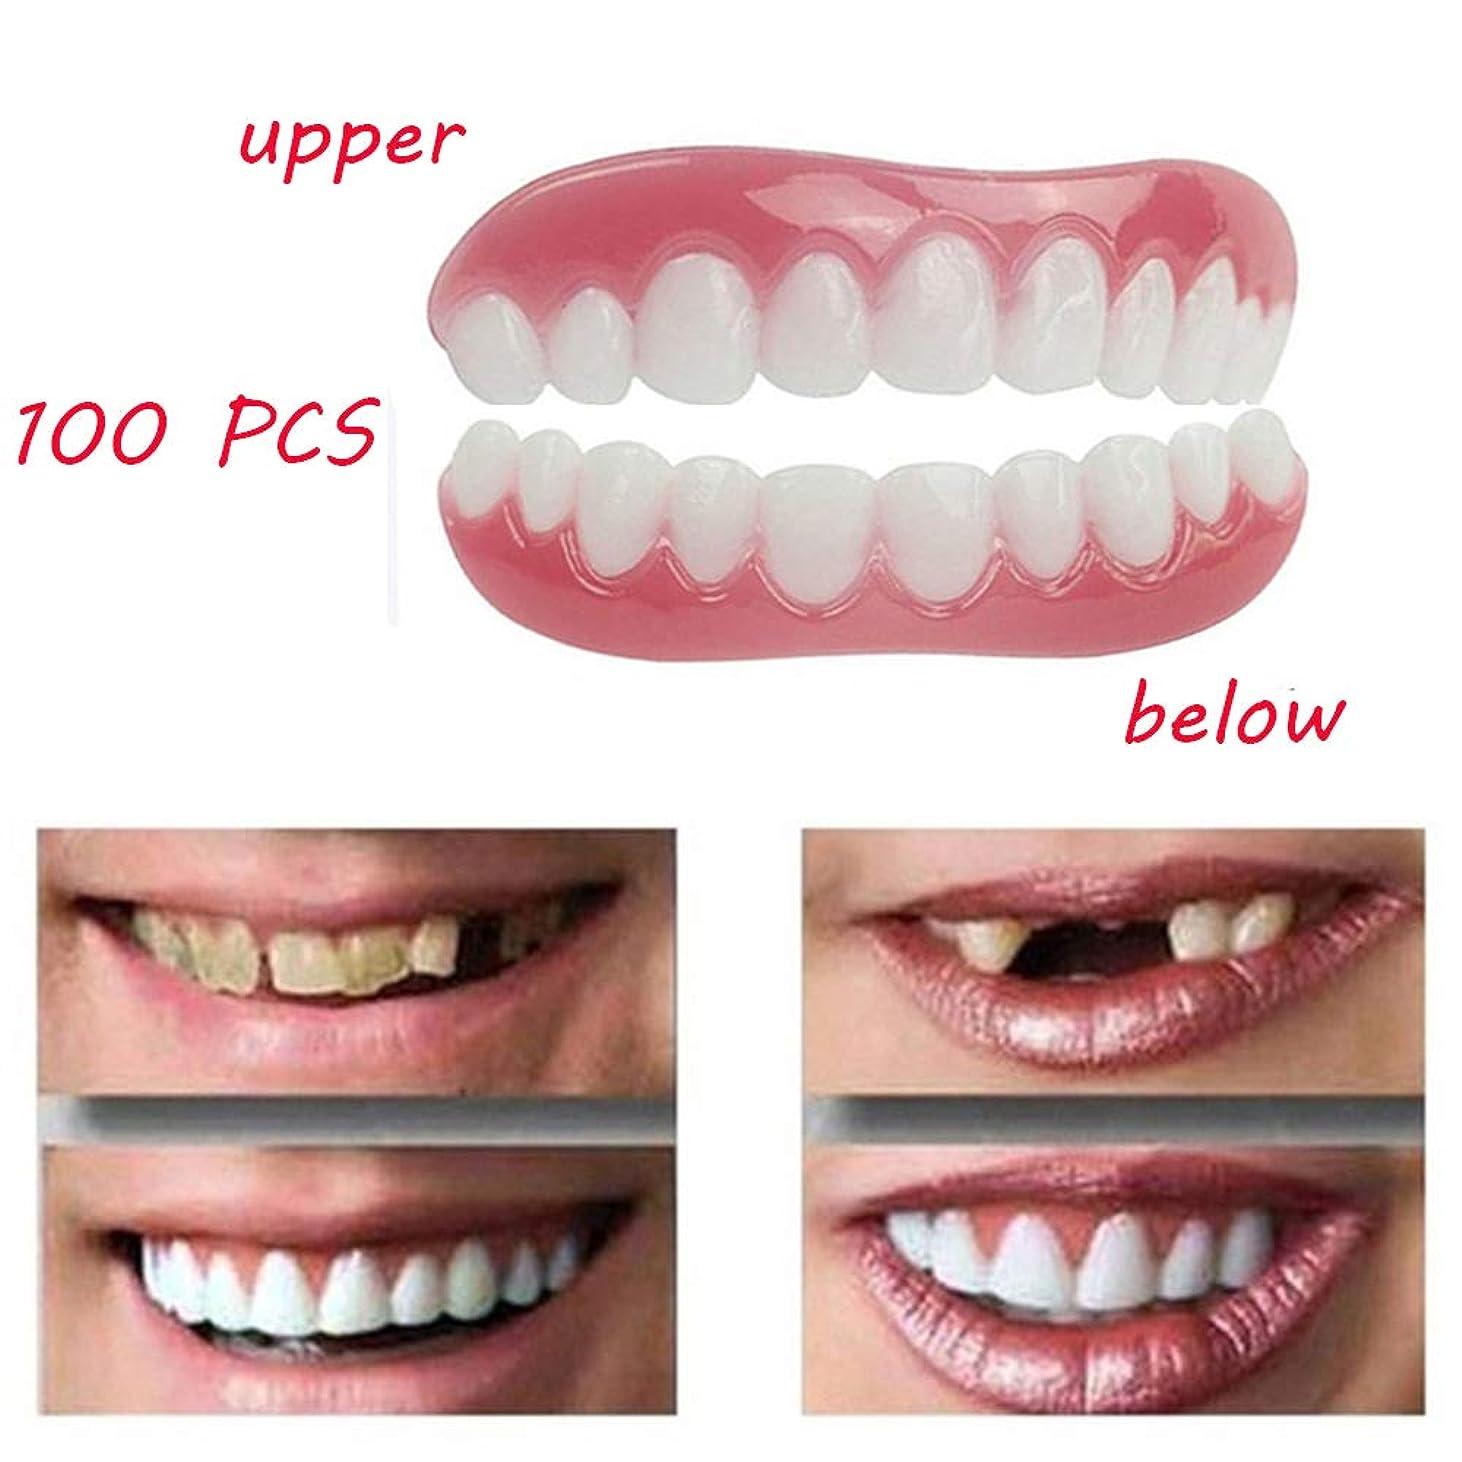 ブレーク最後にスクラップブック100 PCSホワイトニング義歯上下快適なソフトベニア化粧品ベニヤ歯ほとんどの人に適したサイズ口腔衛生ケア美容ツール